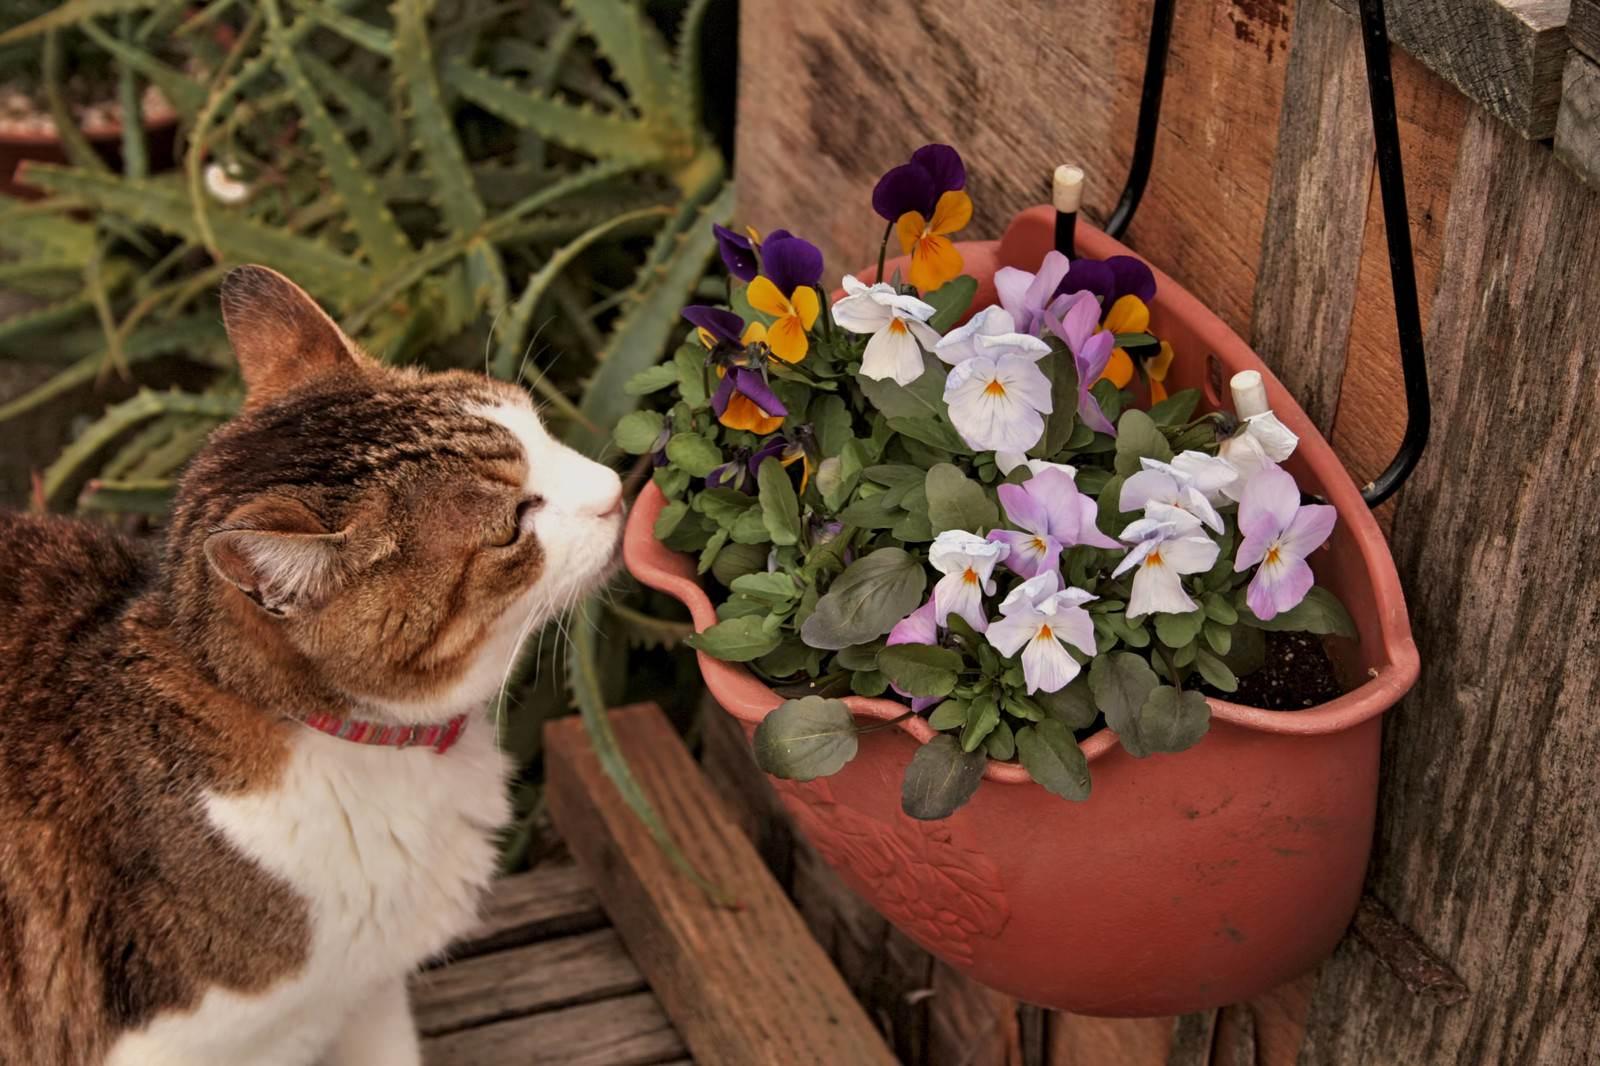 「ビオラの花と猫」の写真